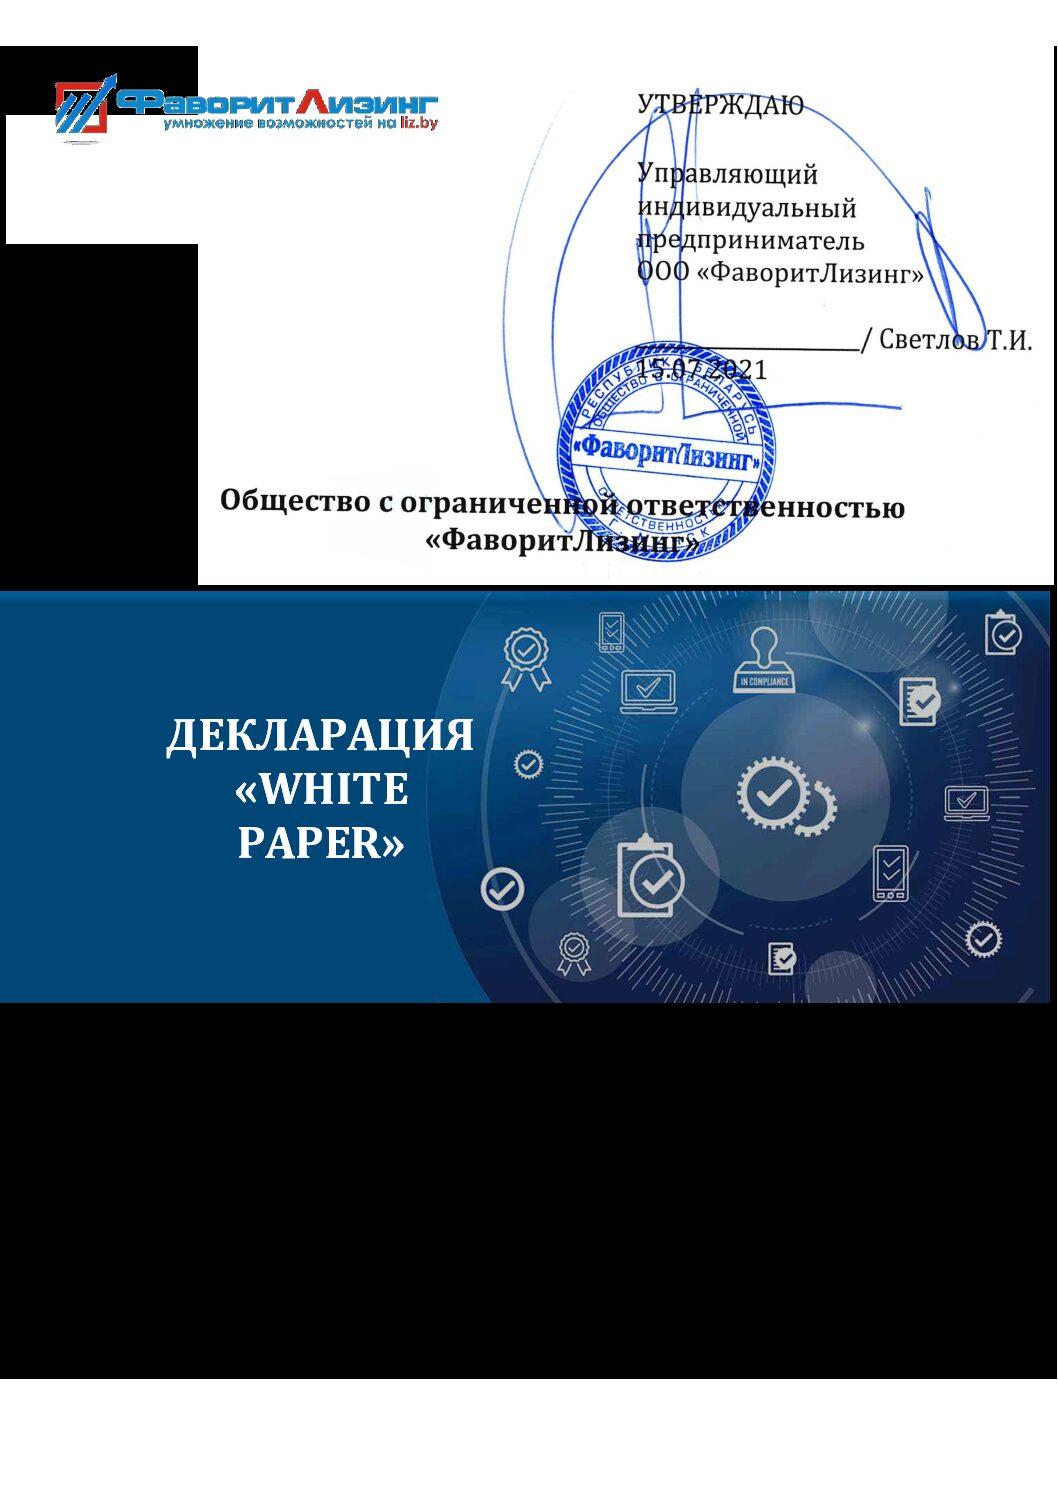 Декларация «White Paper» о создании и размещении цифровых знаков EUR_139